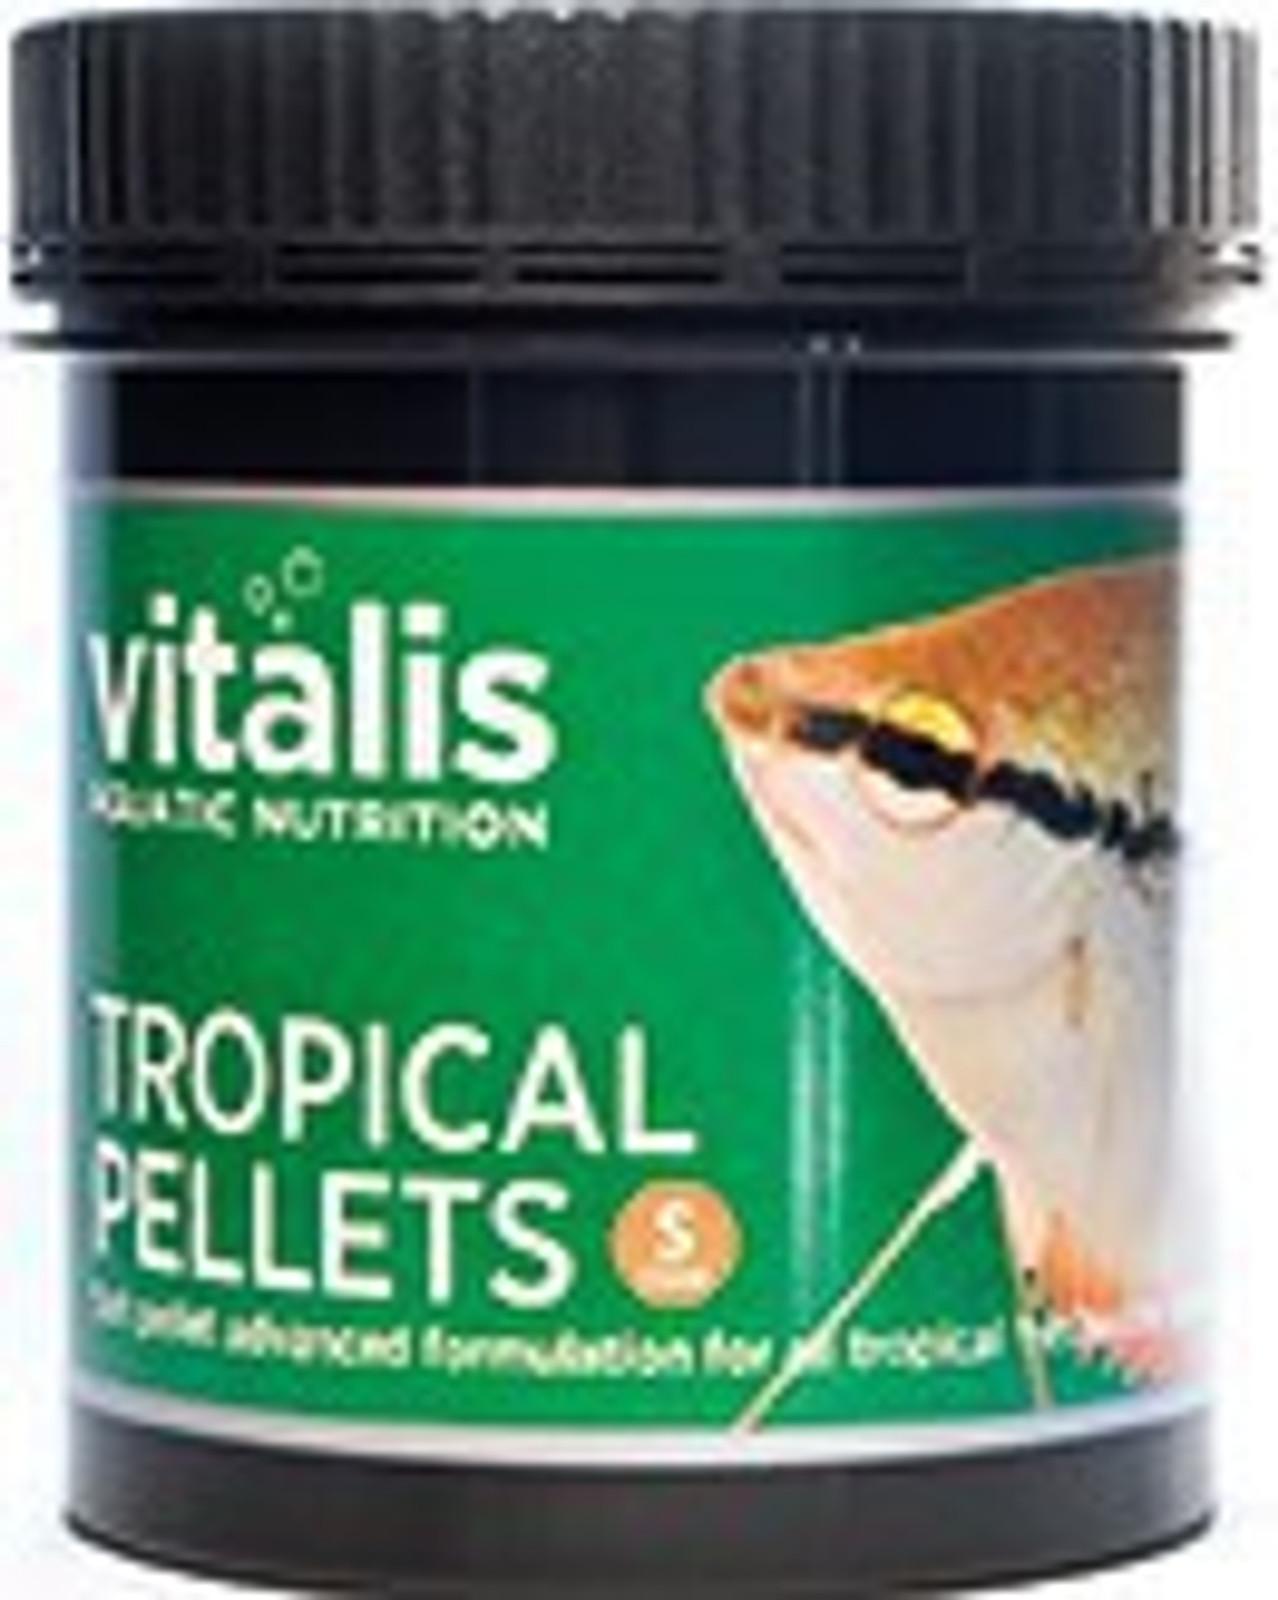 vitalis Tropical Pellets 120 g Ø 1 mm für tropische Süßwasserfische – Bild 1